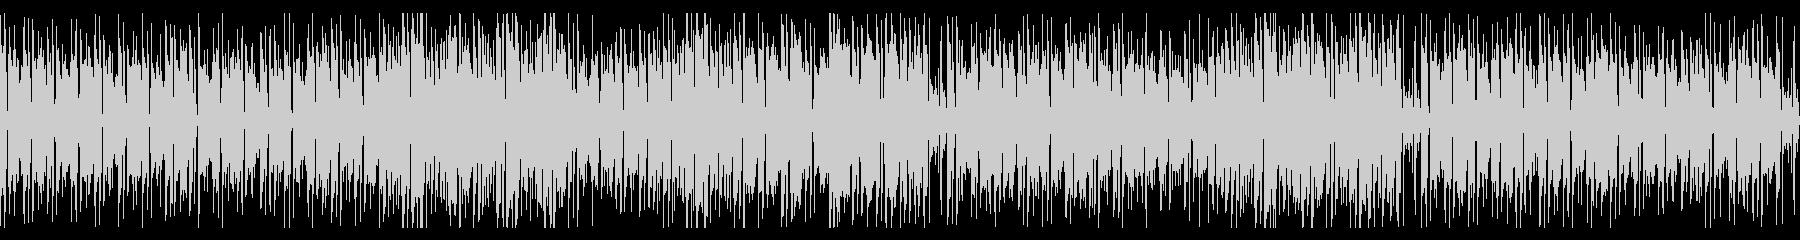 FMで流れてそうなR&B系スムースジャズの未再生の波形